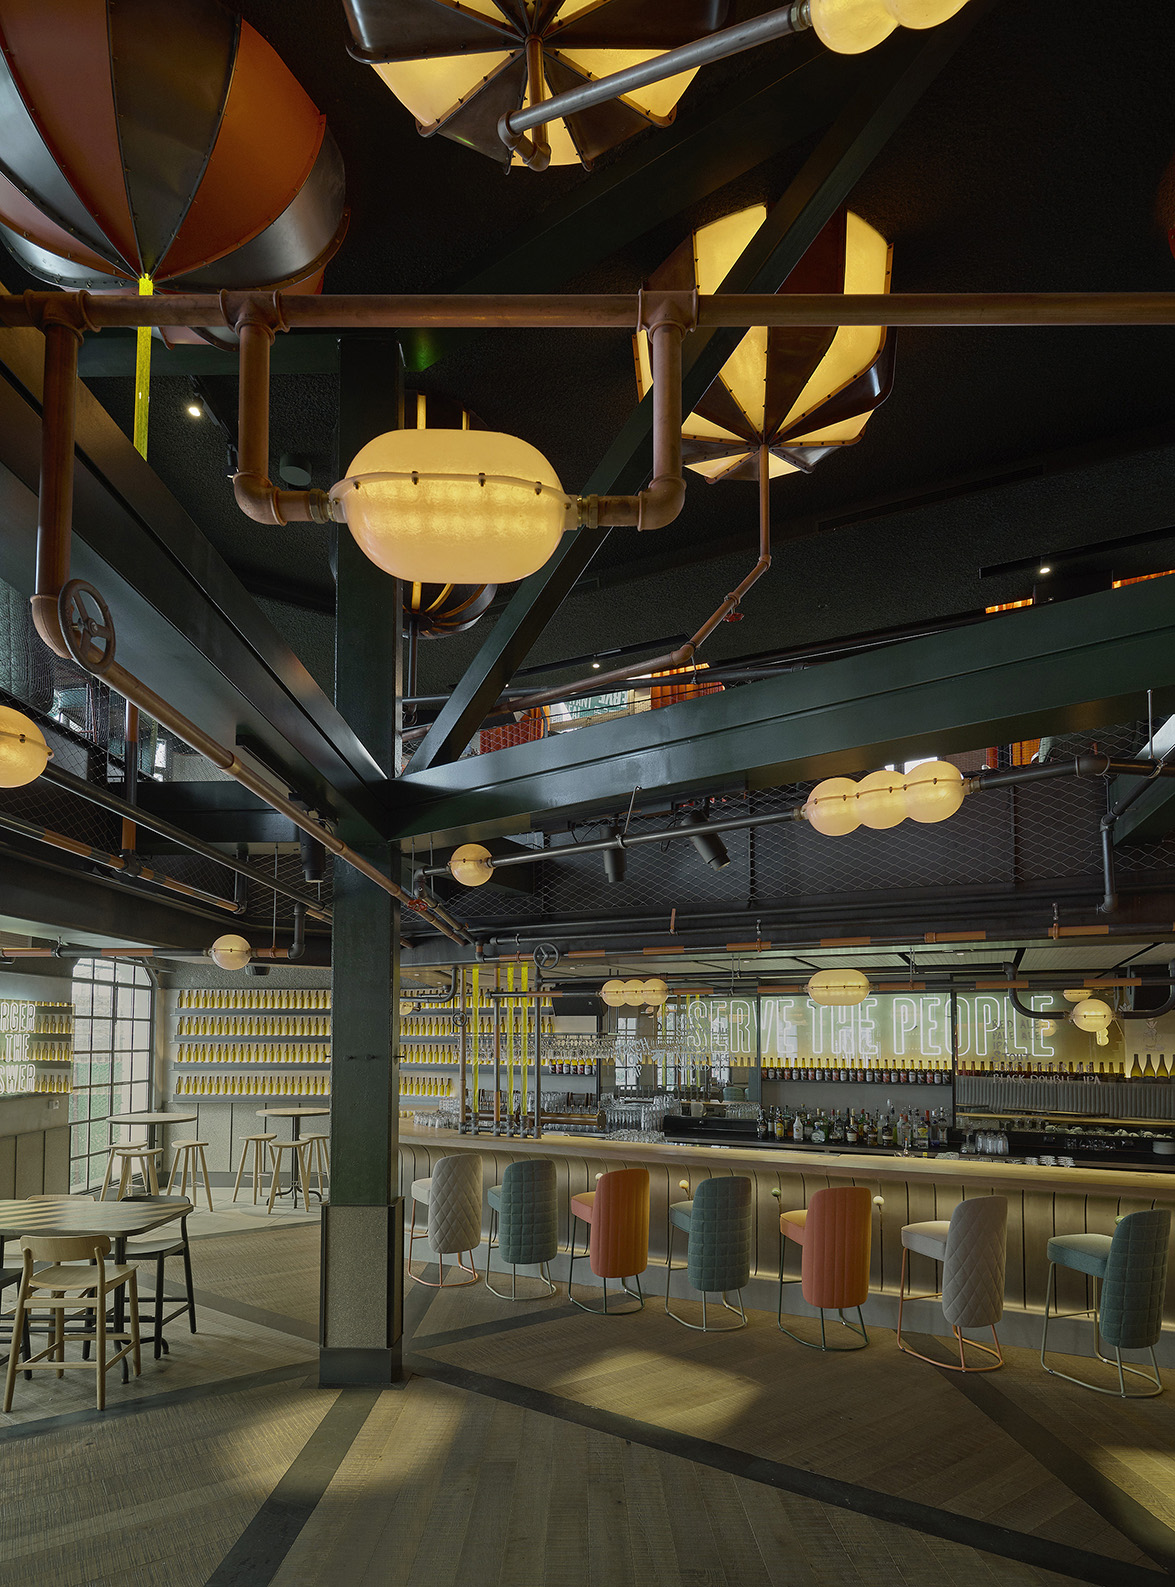 Lagranja design recrea una escult rica f brica de cerveza for Fabrica de sillones zona sur